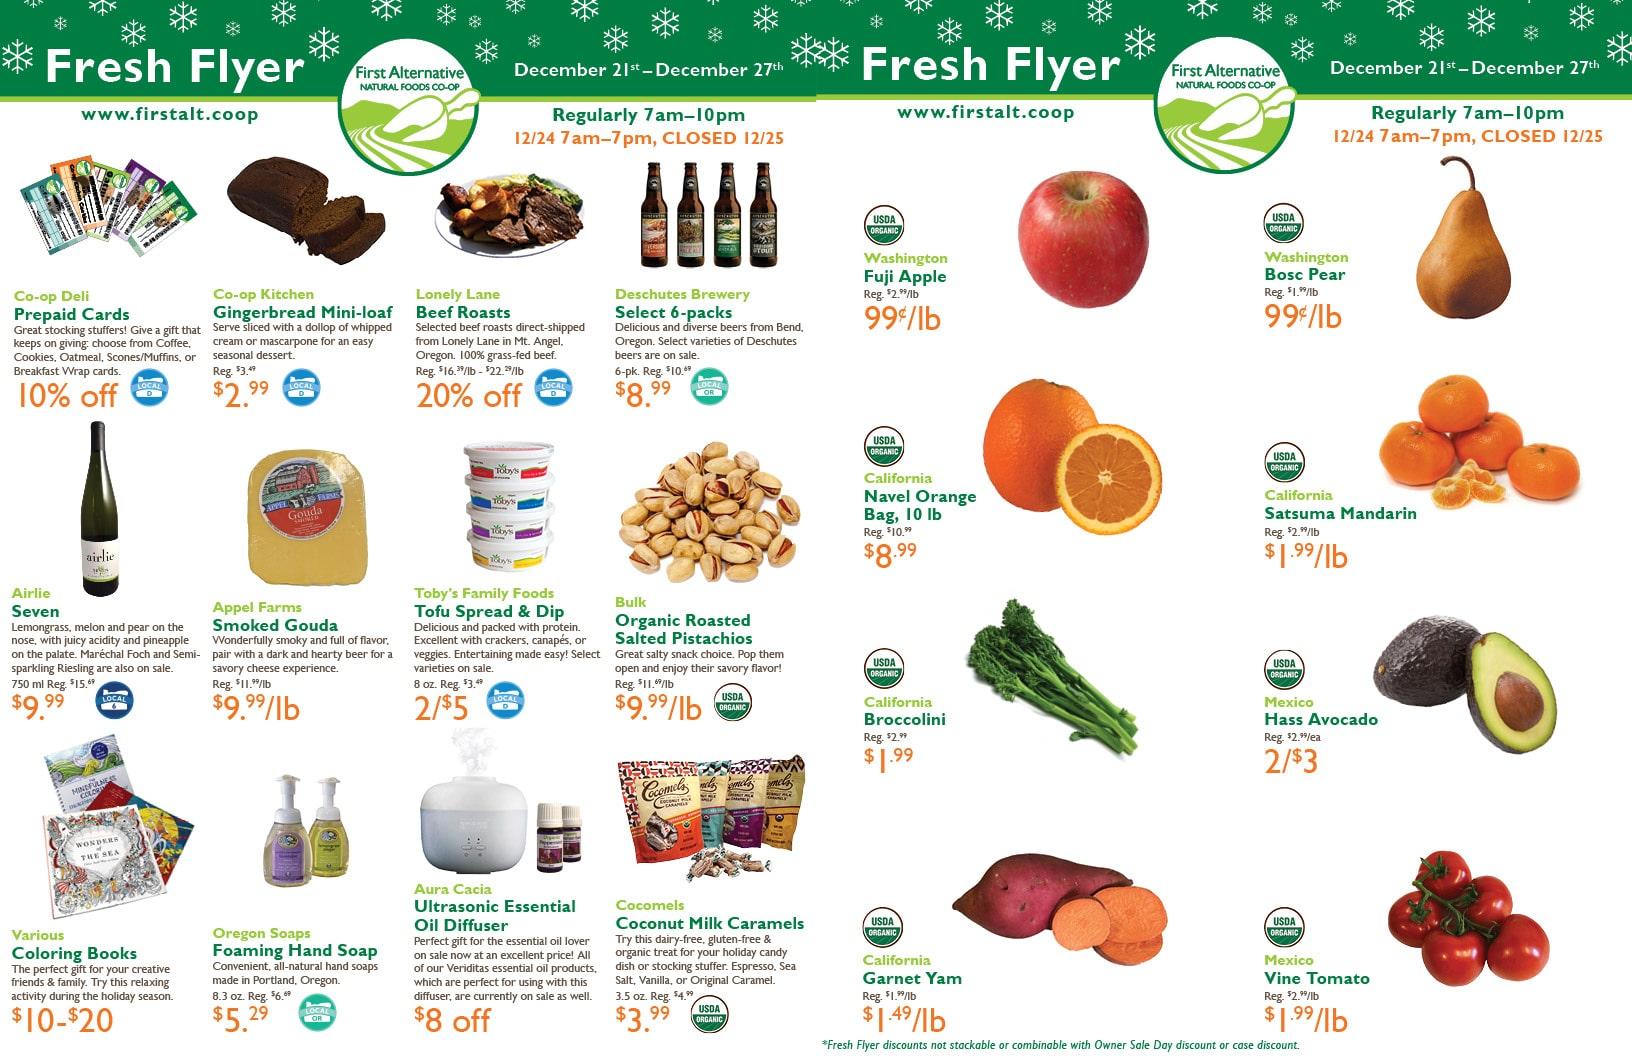 First Alternative Co-op Fresh Flyer Dec. 21-27